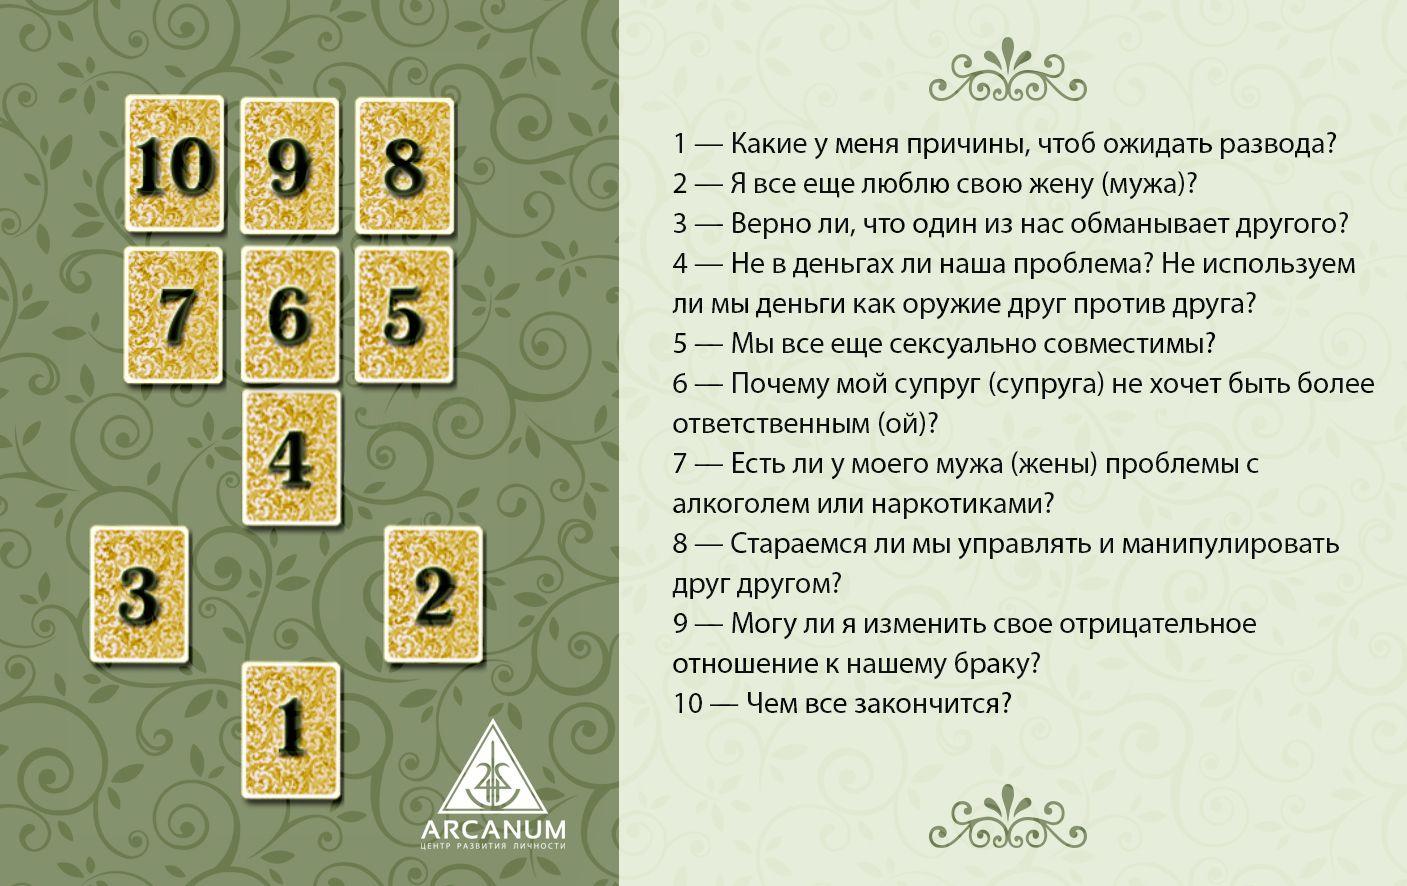 Бесплатное гадание на картах таро на отношения гадание 7 и карт онлайн